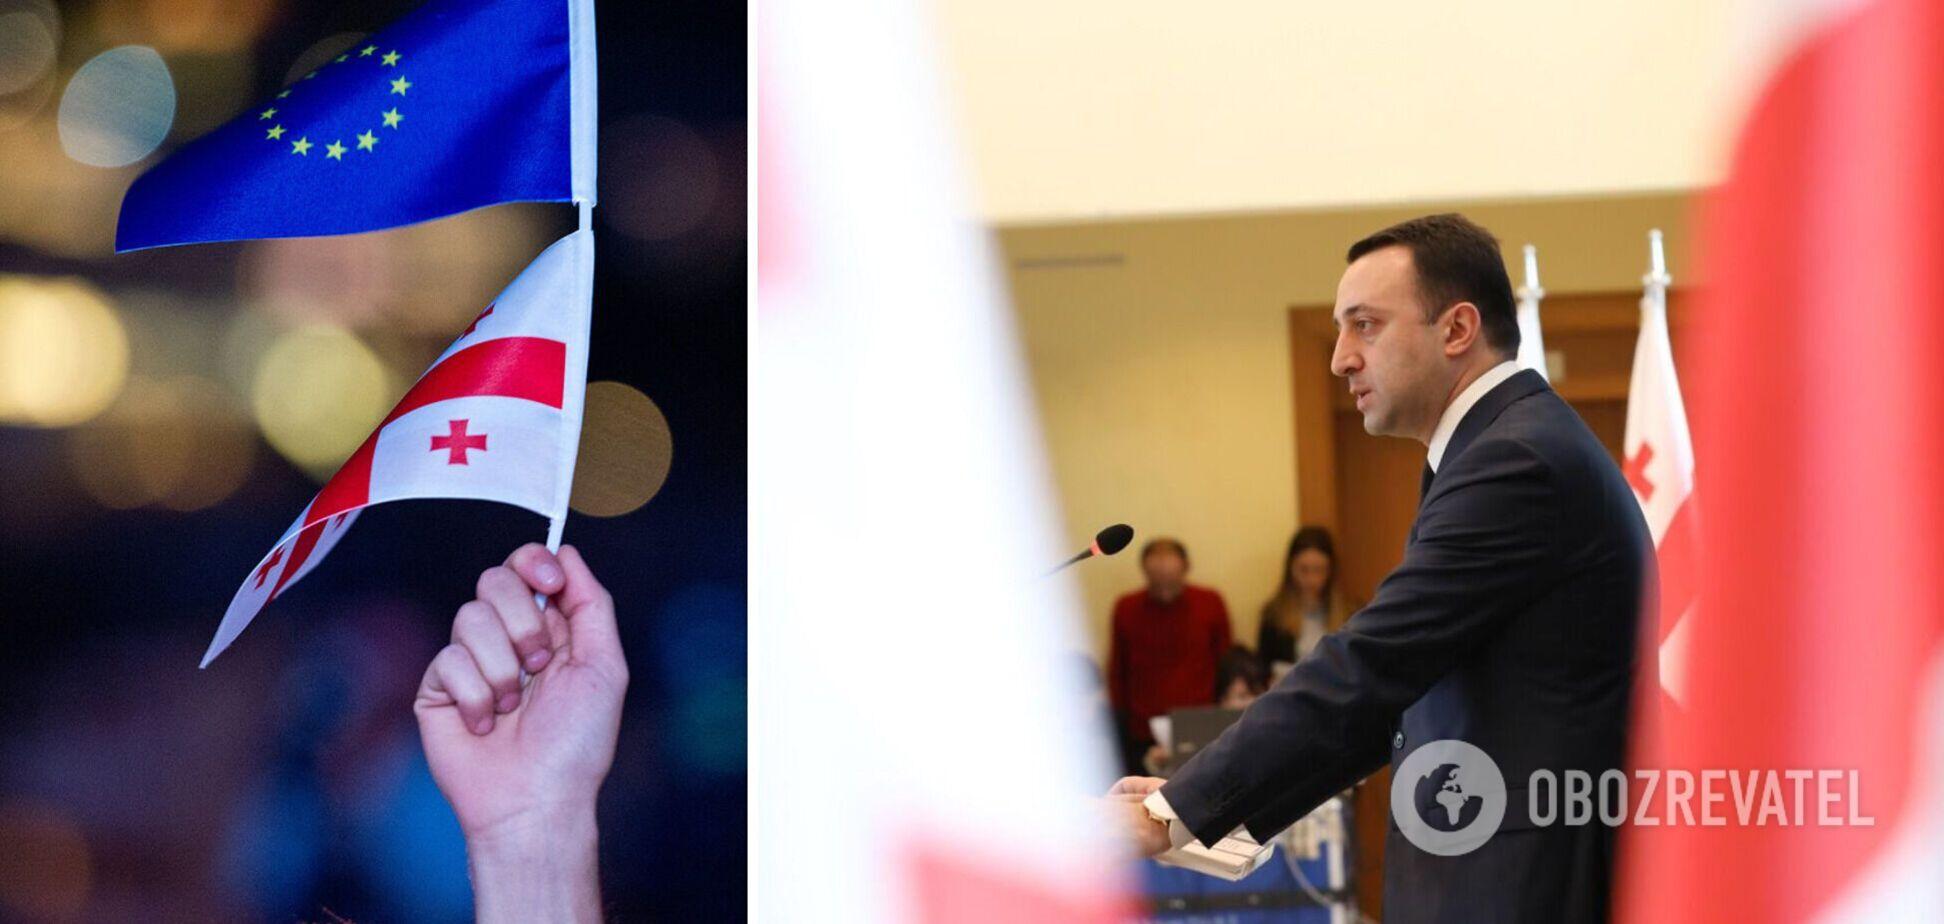 Грузия собирается подать заявку на вступление в ЕС в 2024 году